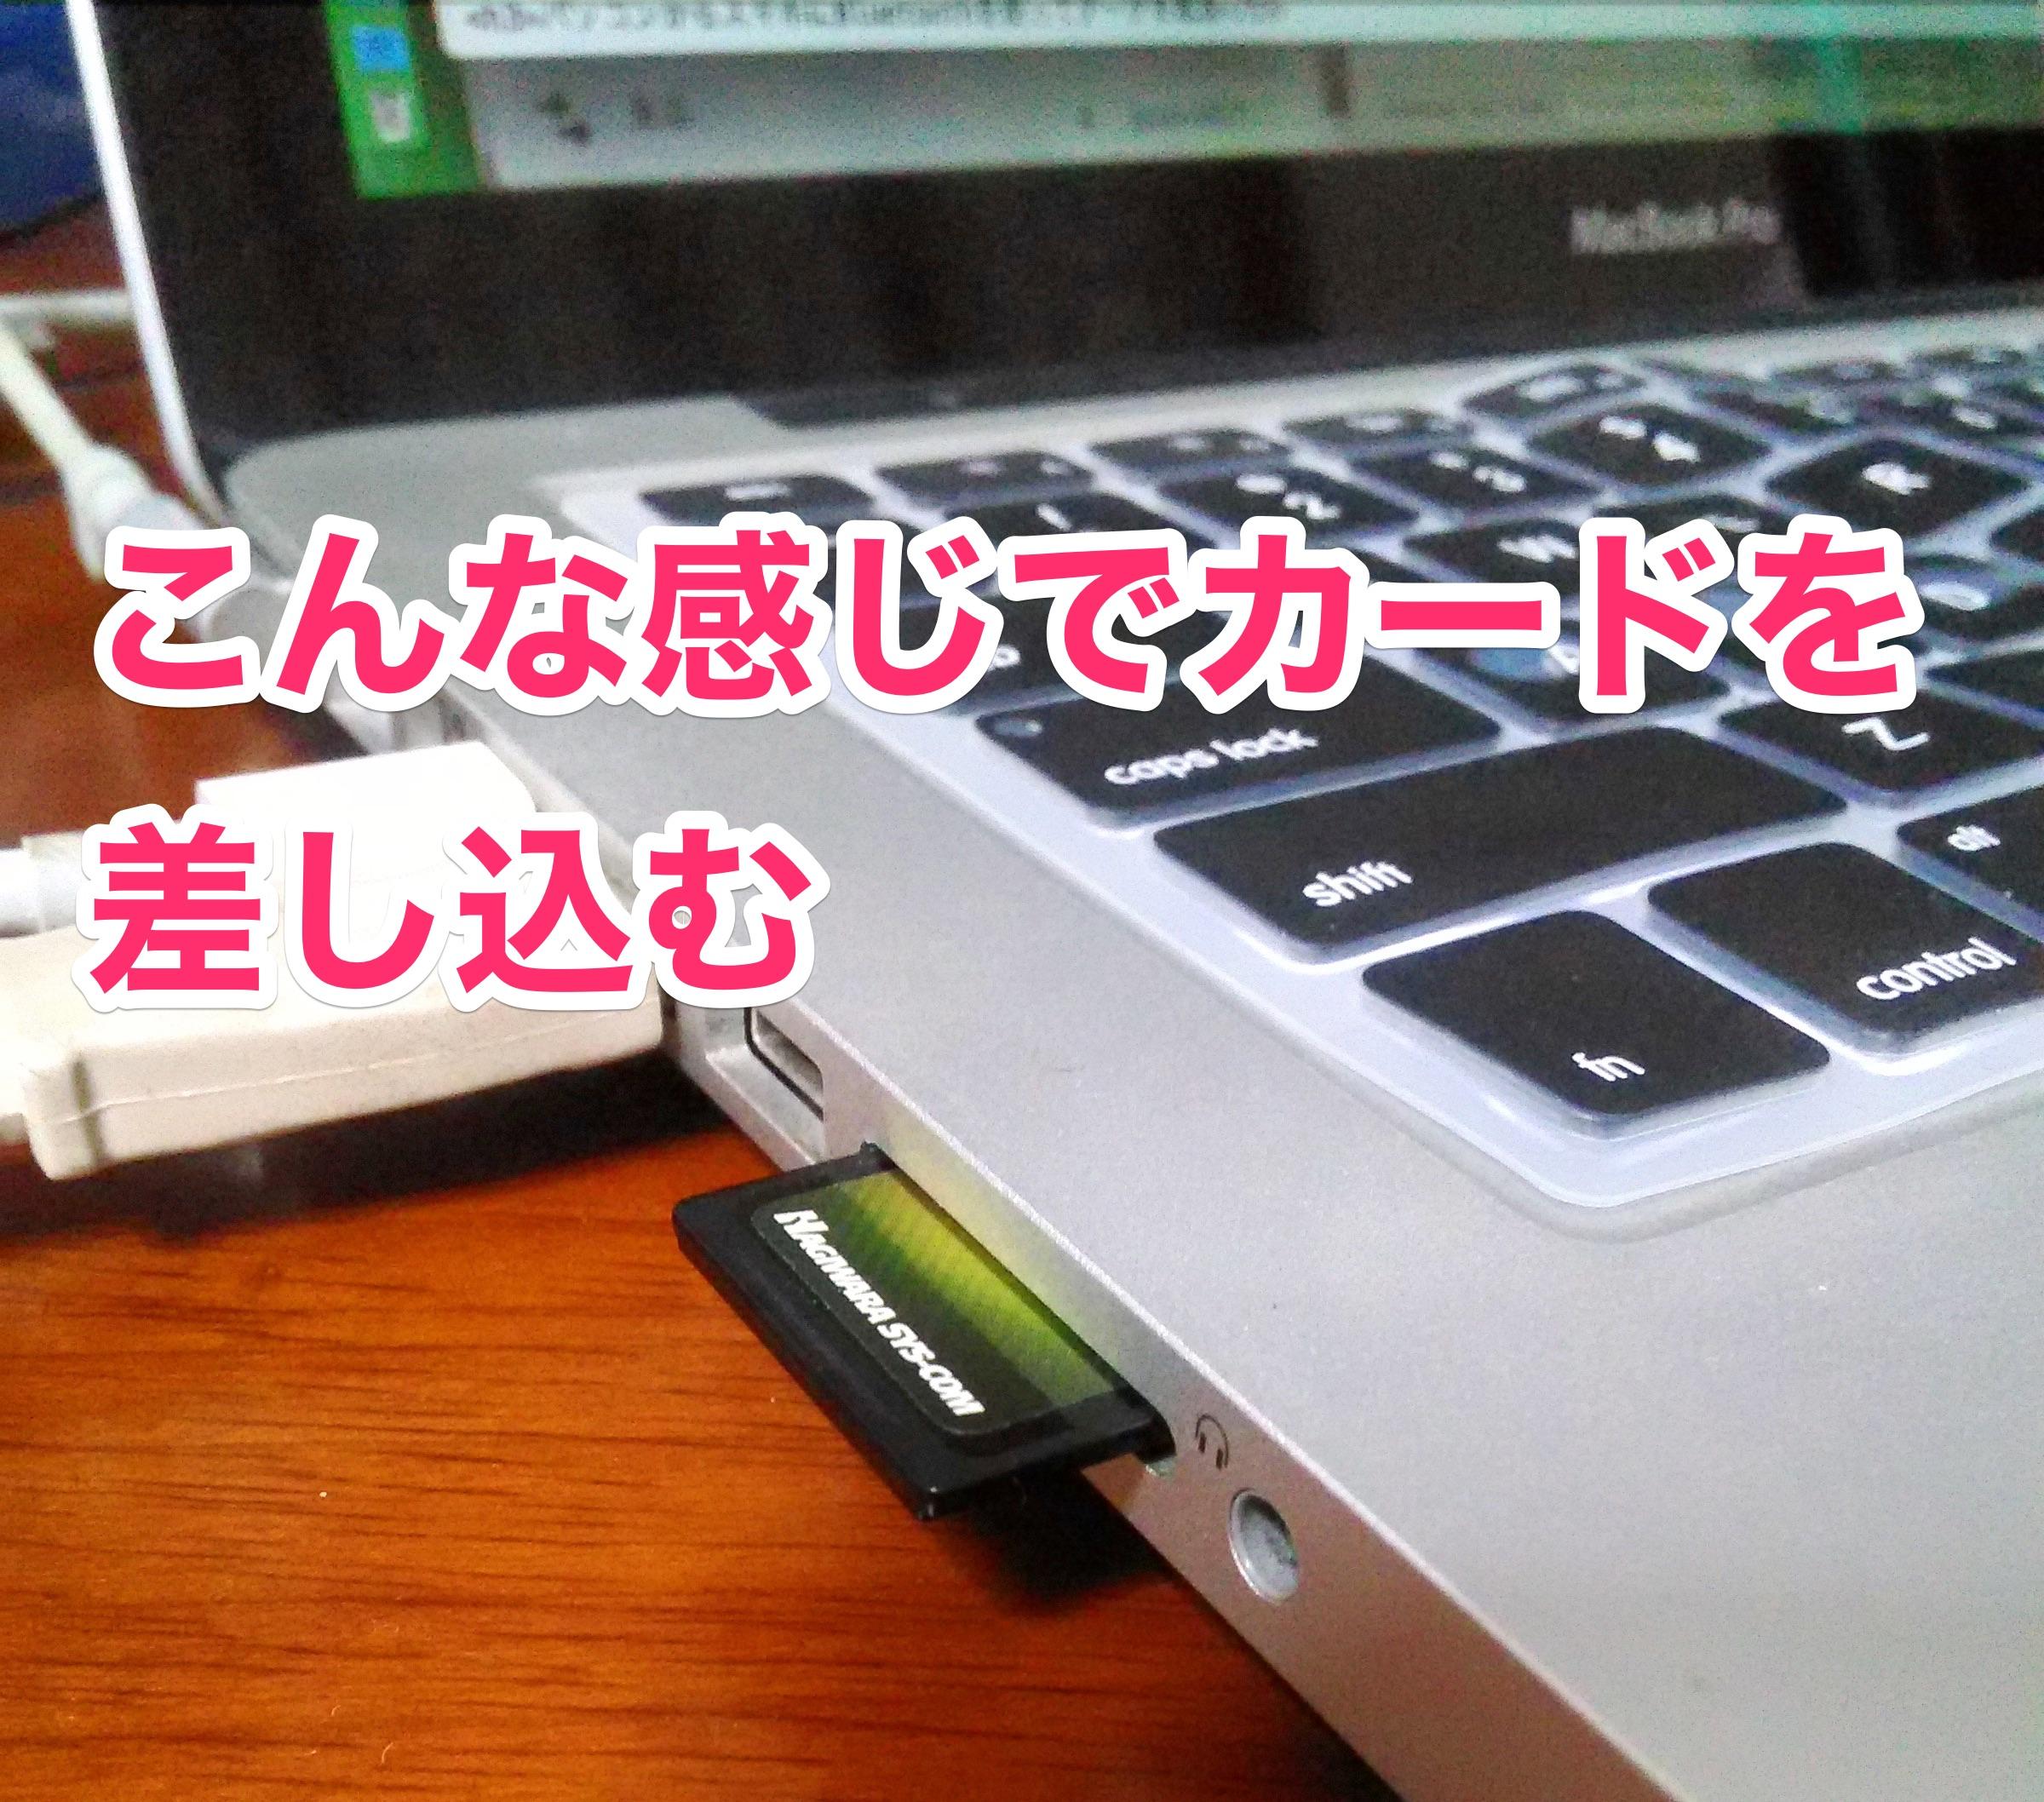 SDカードをMacに差し込む